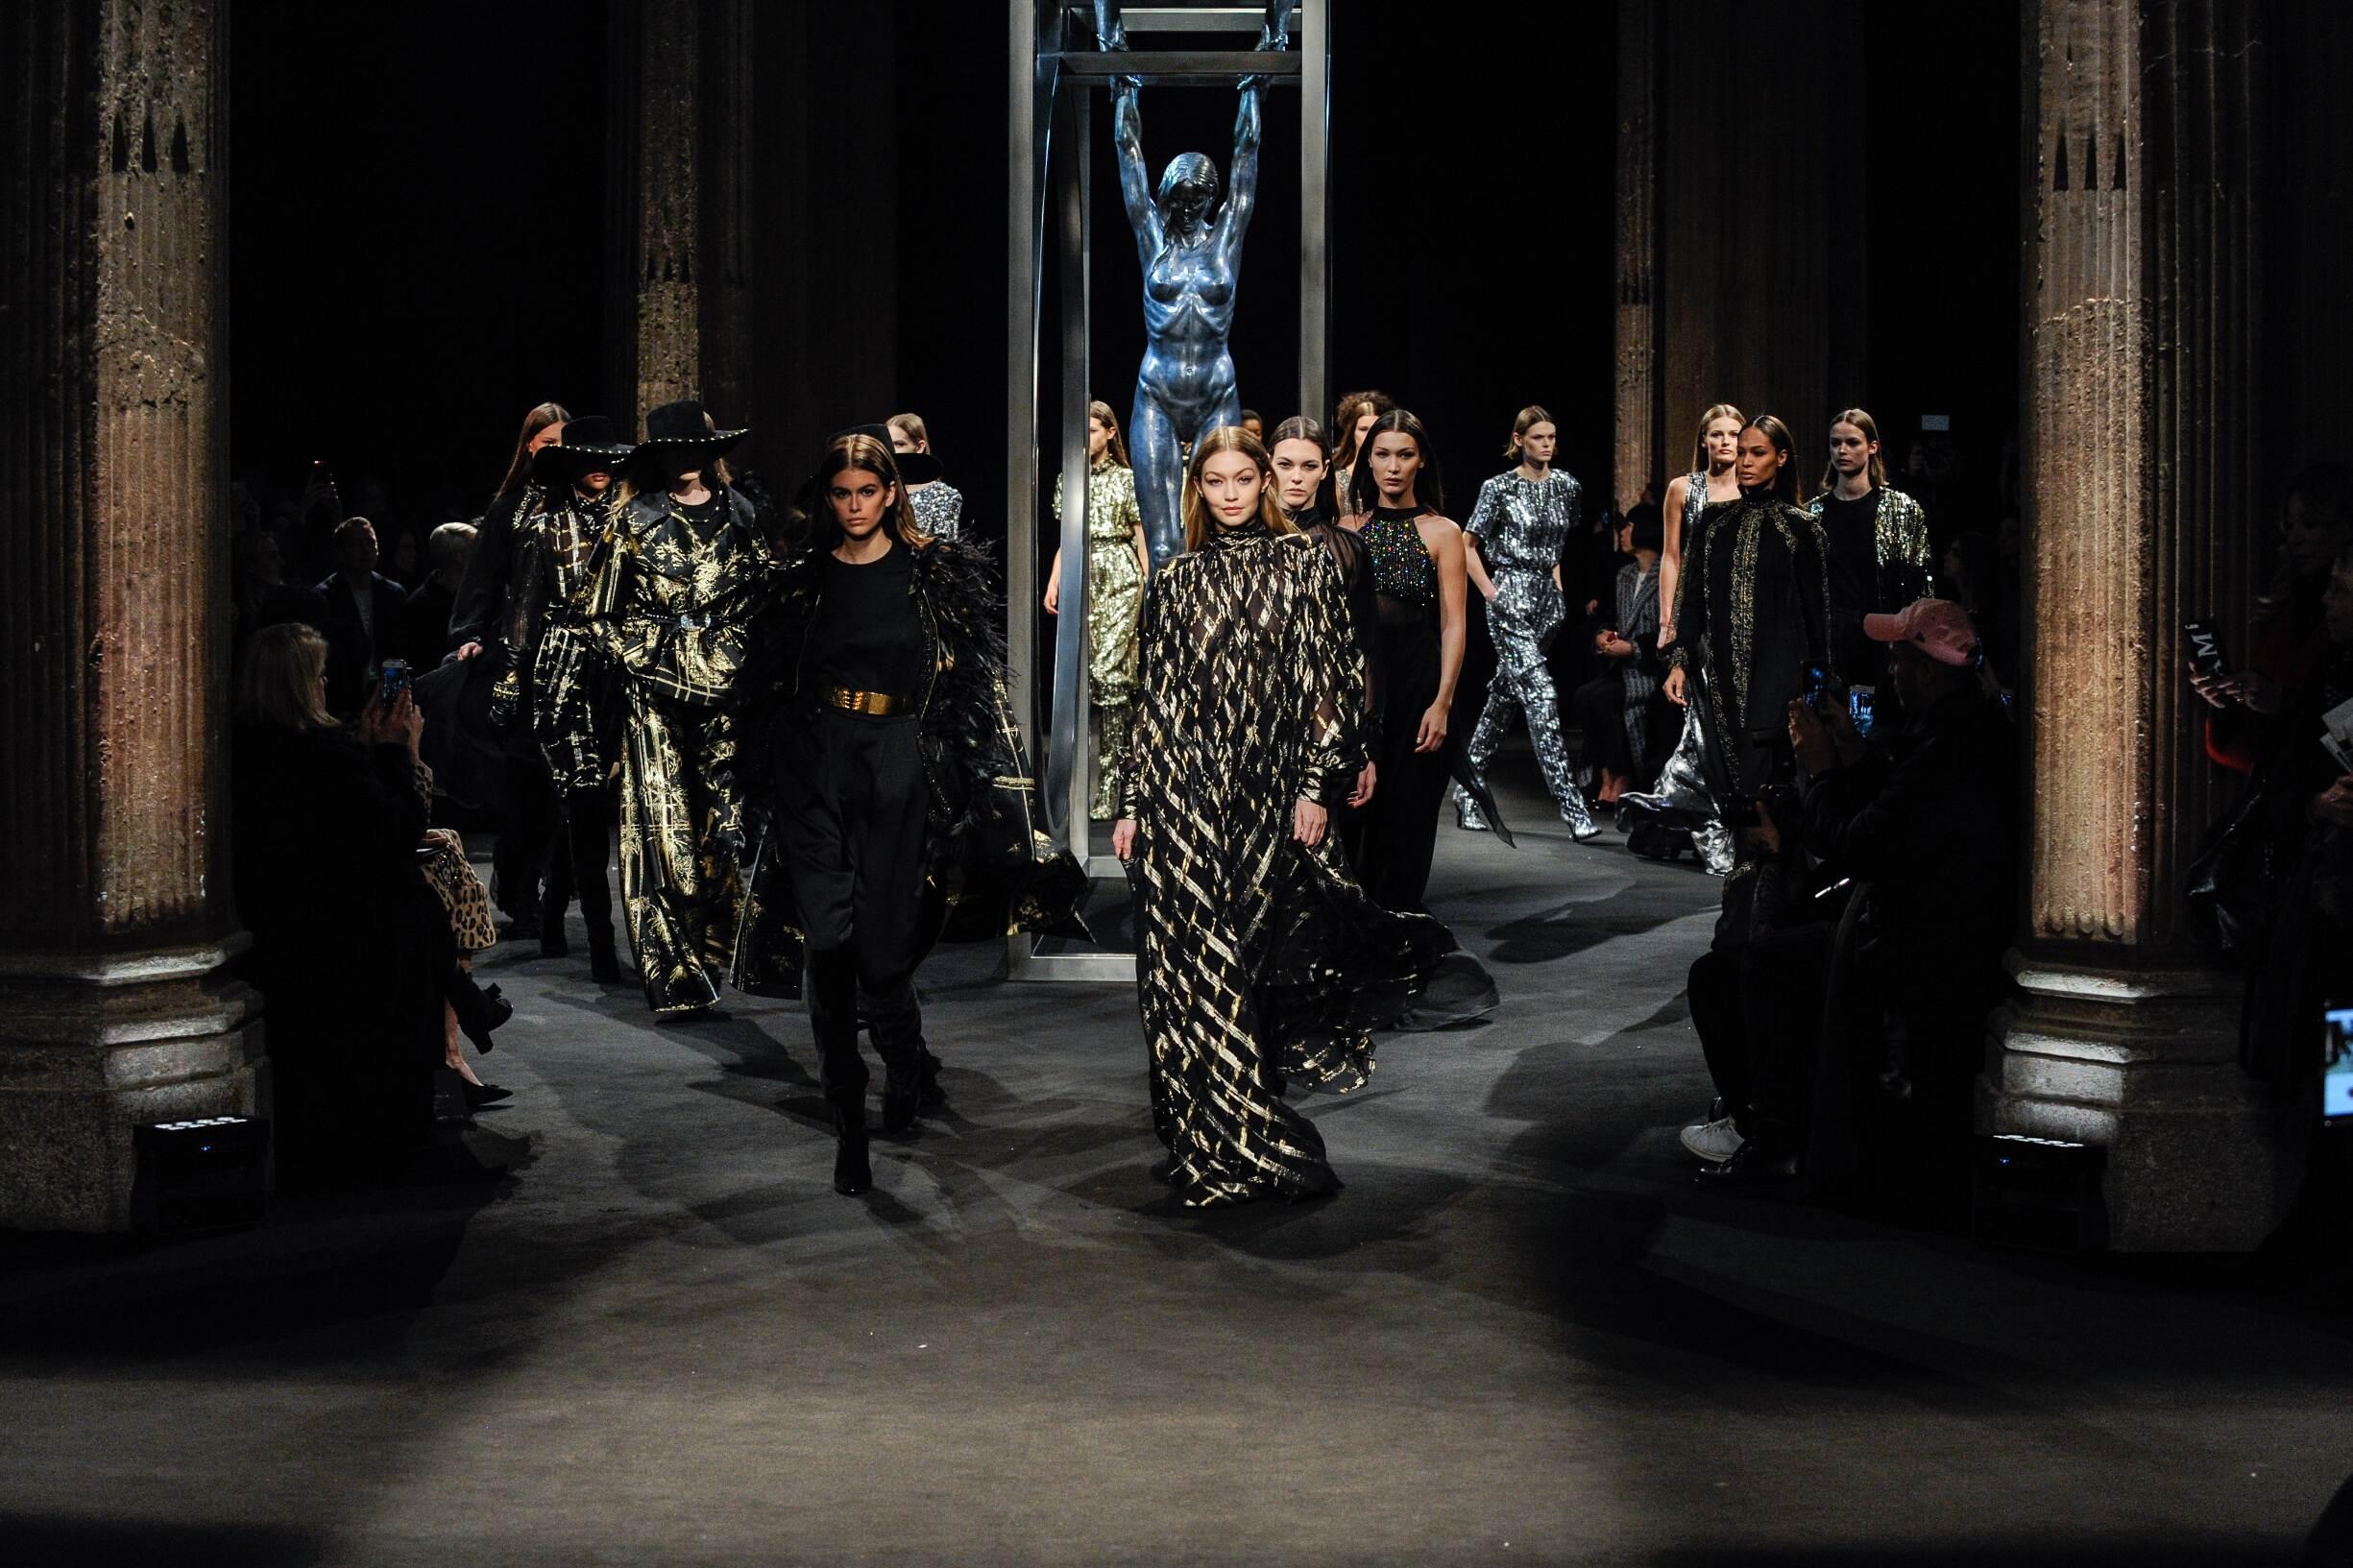 Finale Alberta Ferretti Fashion Show